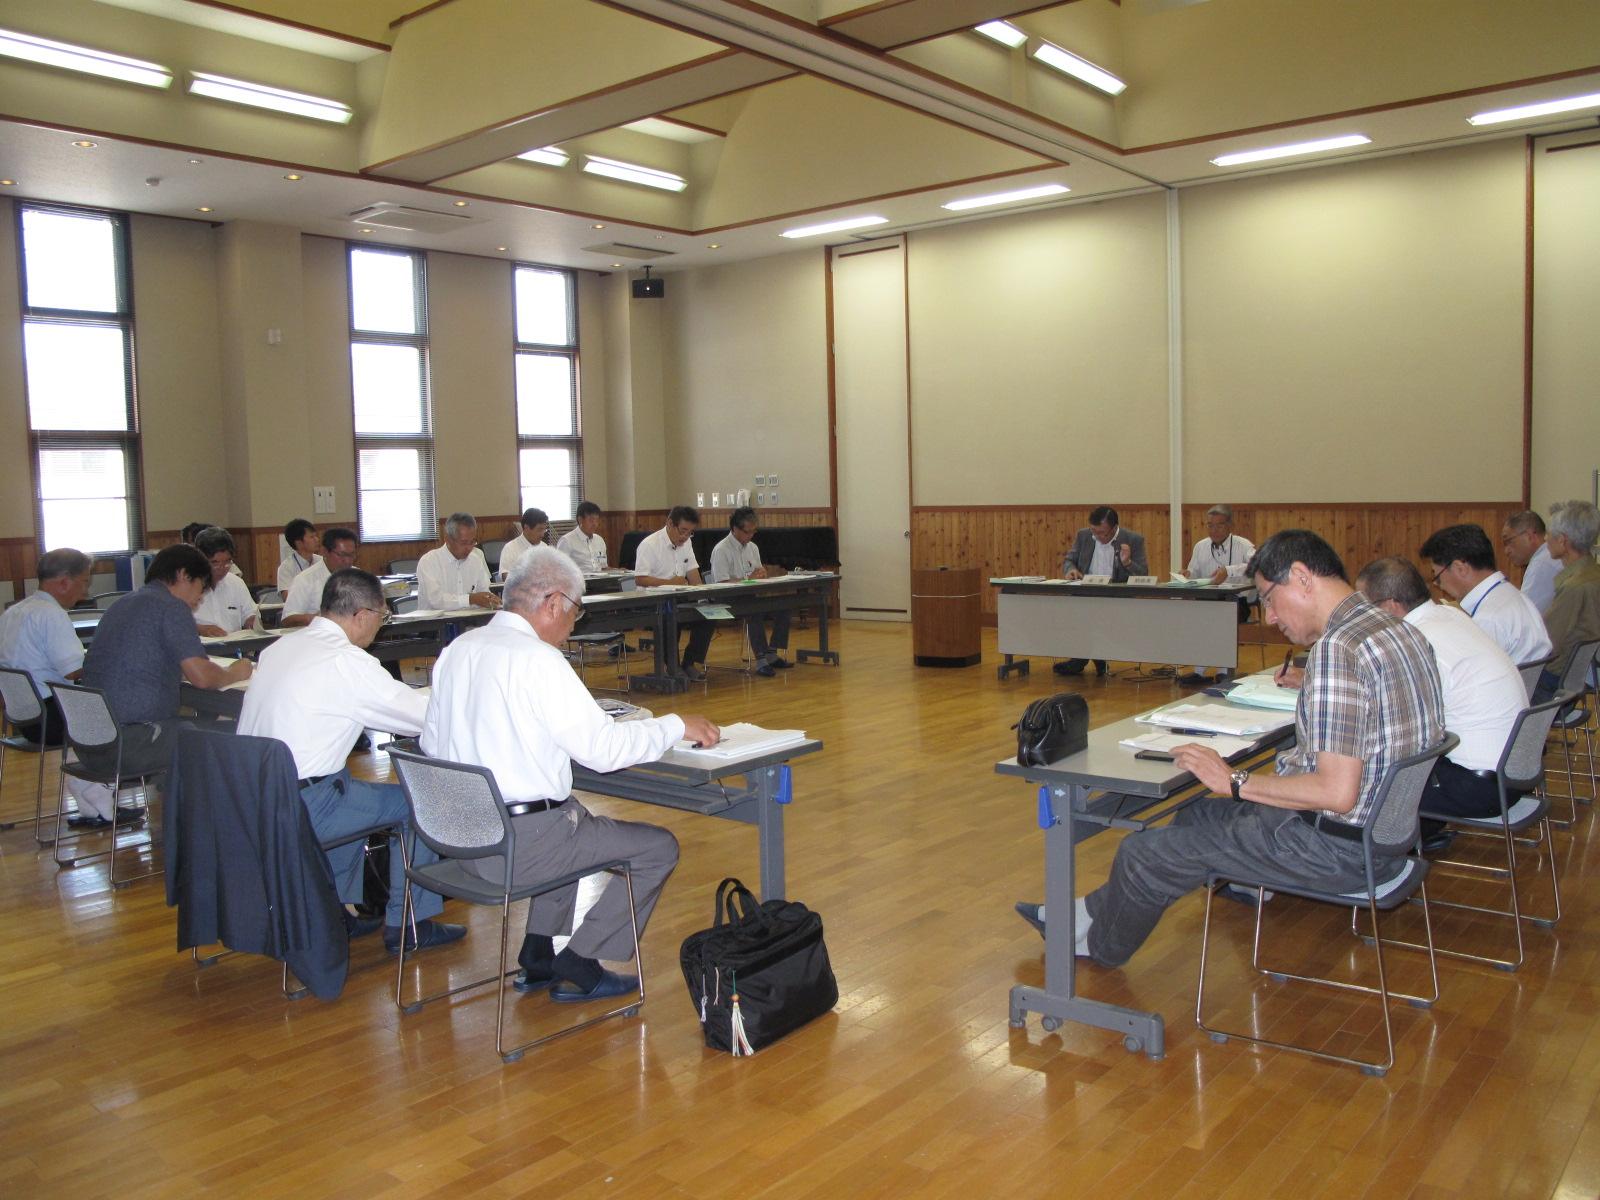 제 5 번 나가와 정 거리 · 사람 · 일 창생 종합 전략 평가위원회